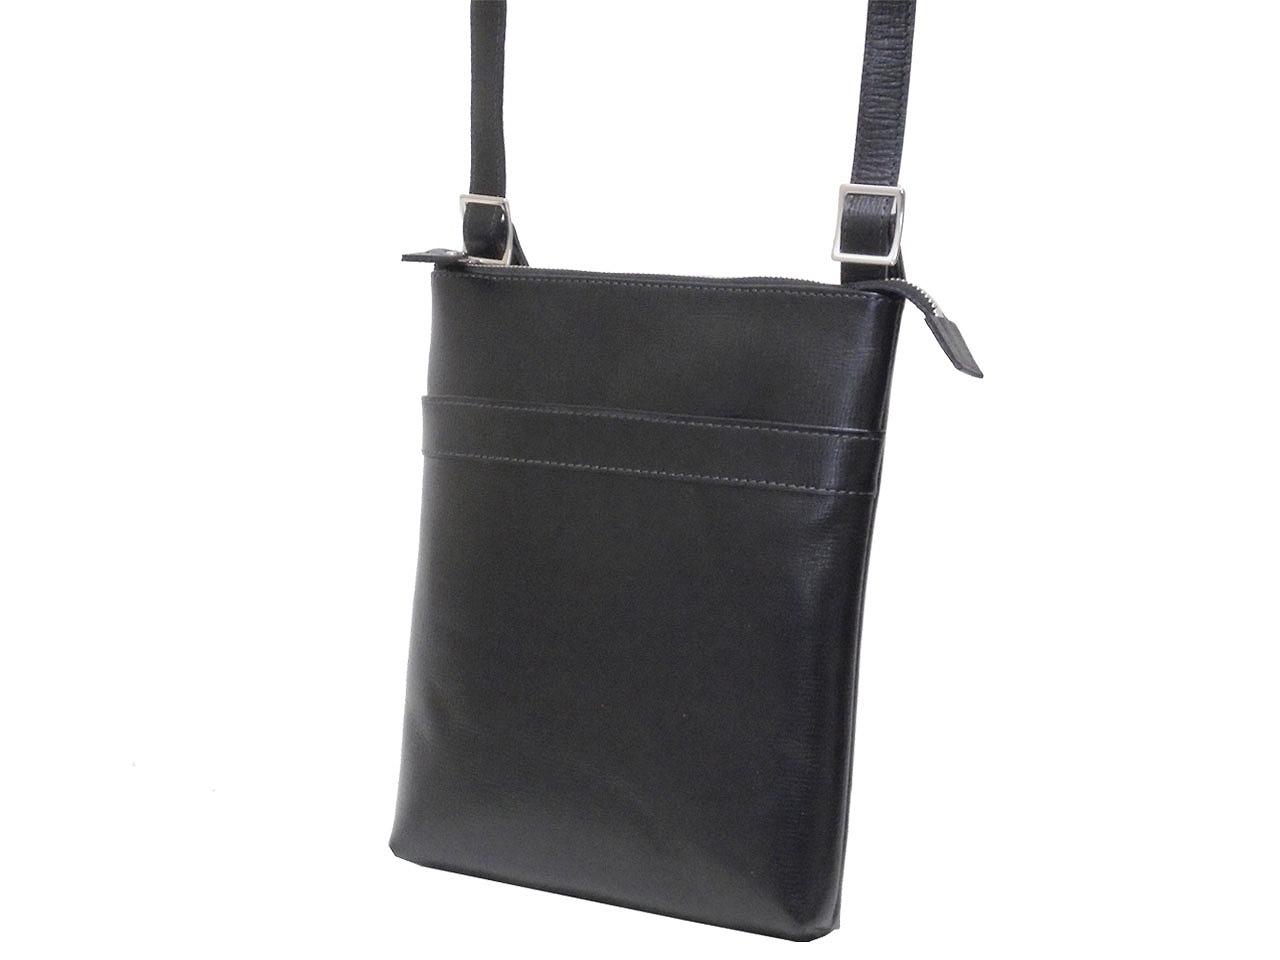 青木鞄 Lugard・BALBOS ラガード・バルボス メンズ 薄マチ ショルダーバッグ 4305 MADE IN JAPAN(日本製)